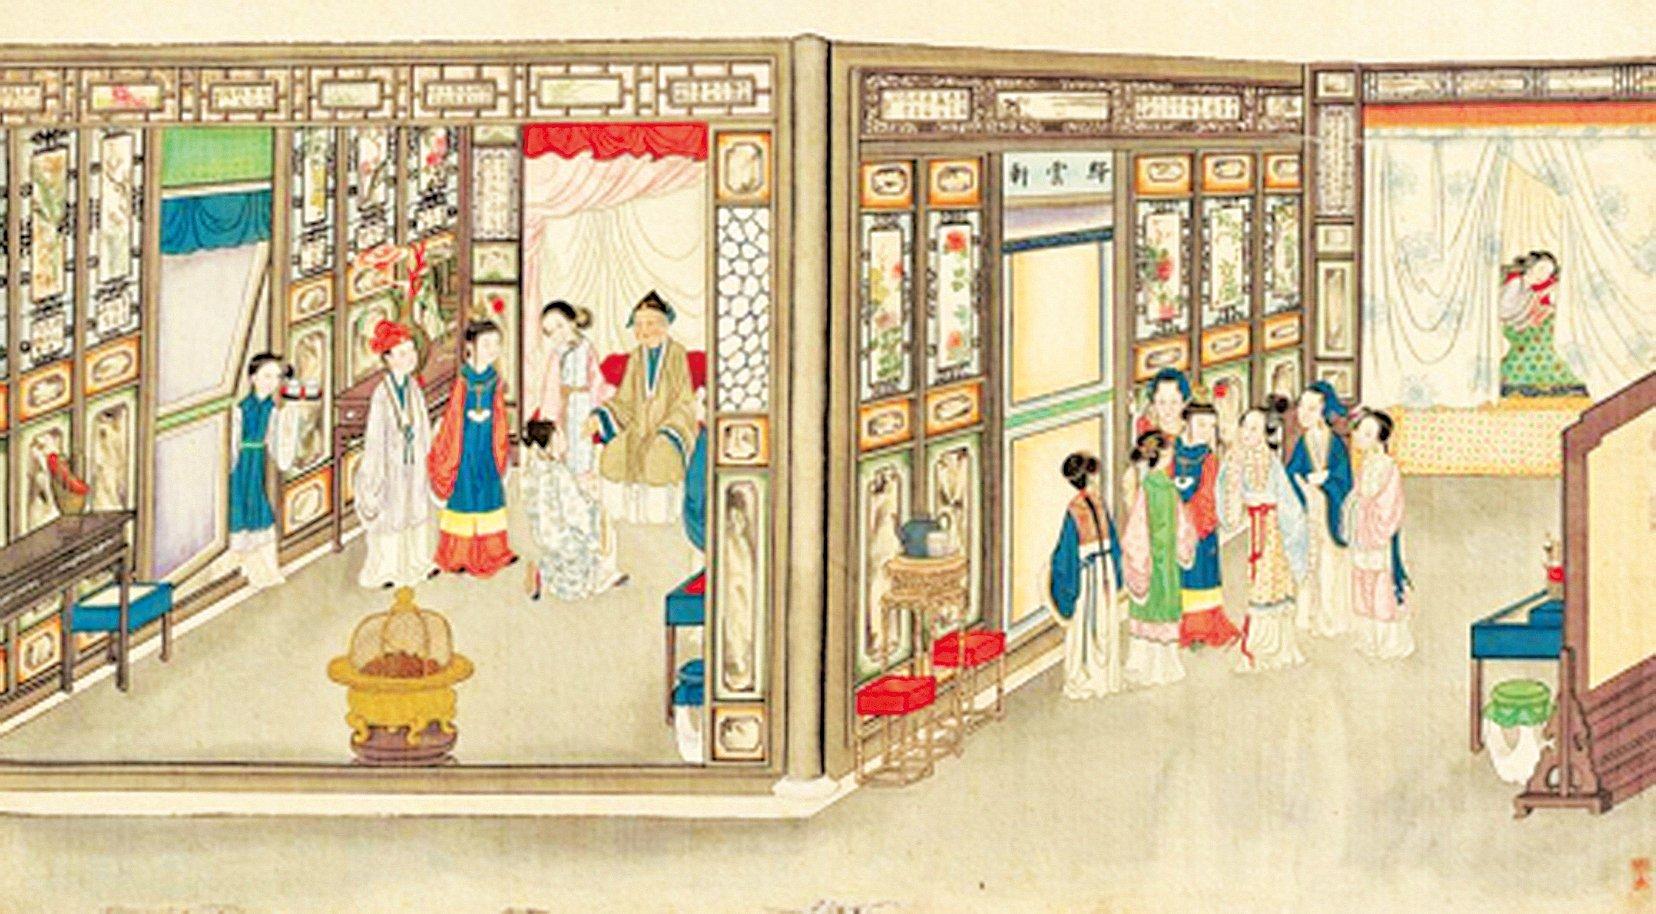 《紅樓夢》第十九回:賈元春回家省親,後來回宮之後,專門派人賞了一樣東西給賈寶玉(圖片來源:維基百科)